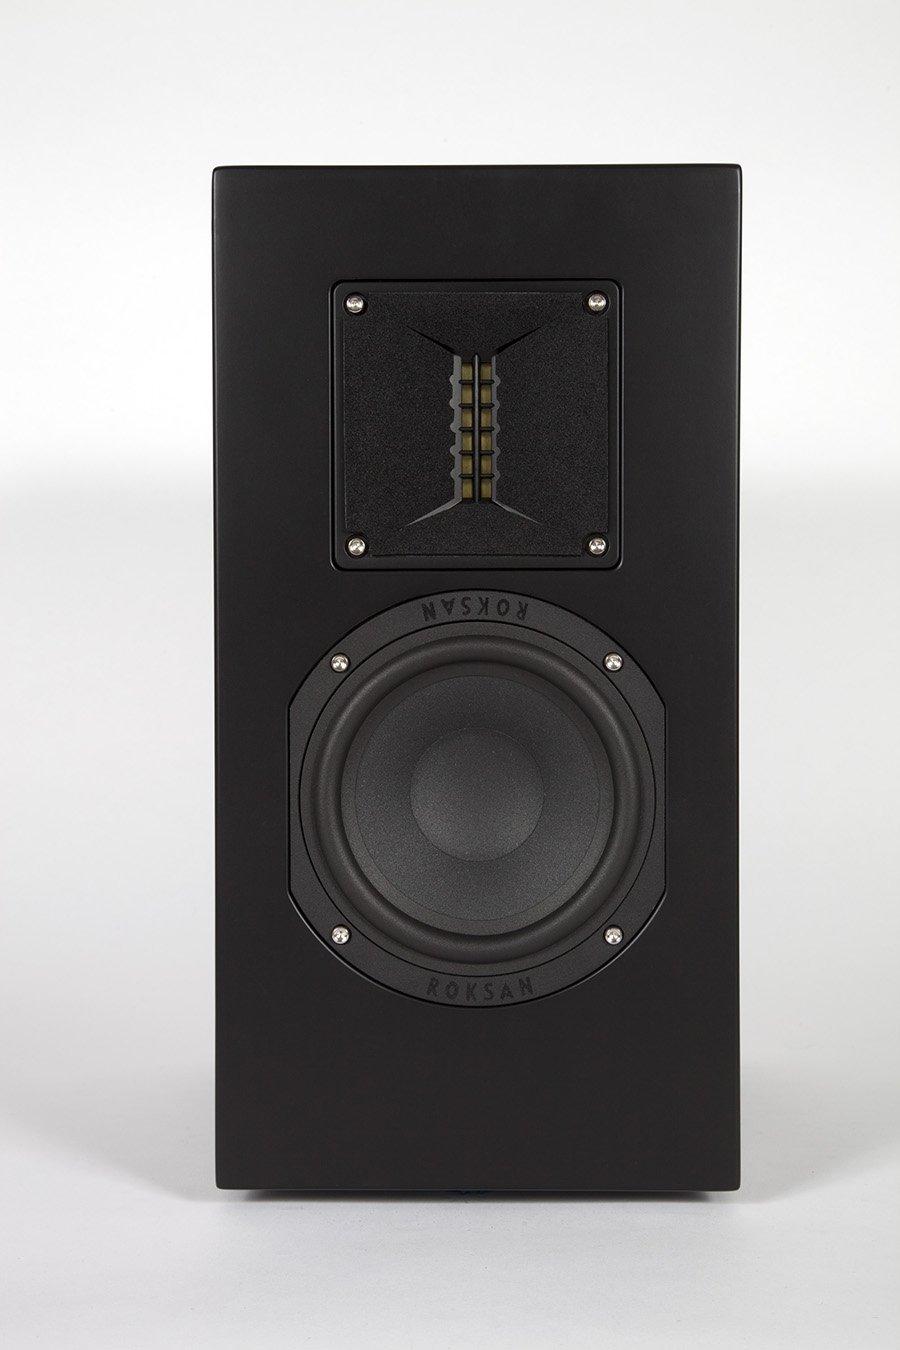 Roksan TR-5 S2 Loudspeakers Now Avaialble